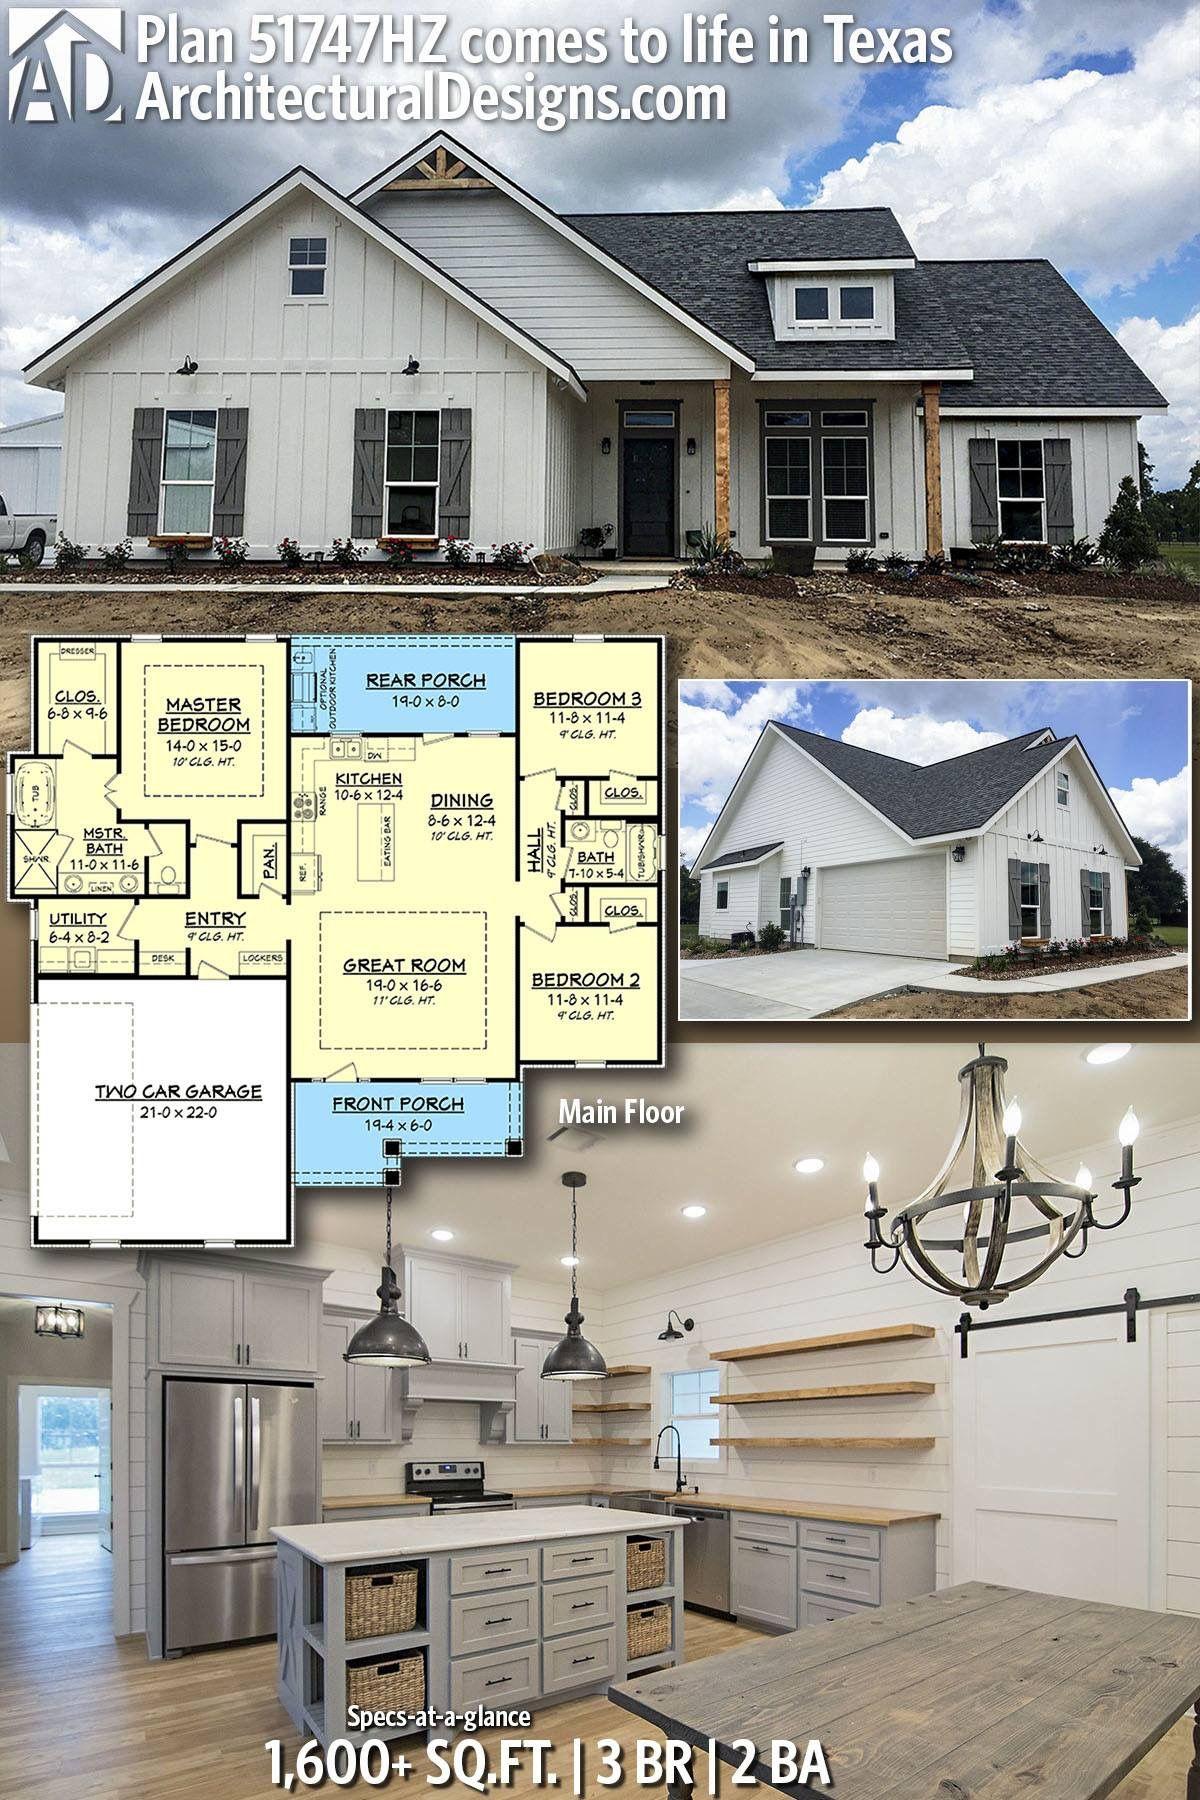 Dp Curve Khaki Raincoat New House Plans House Plans Dream House Plans